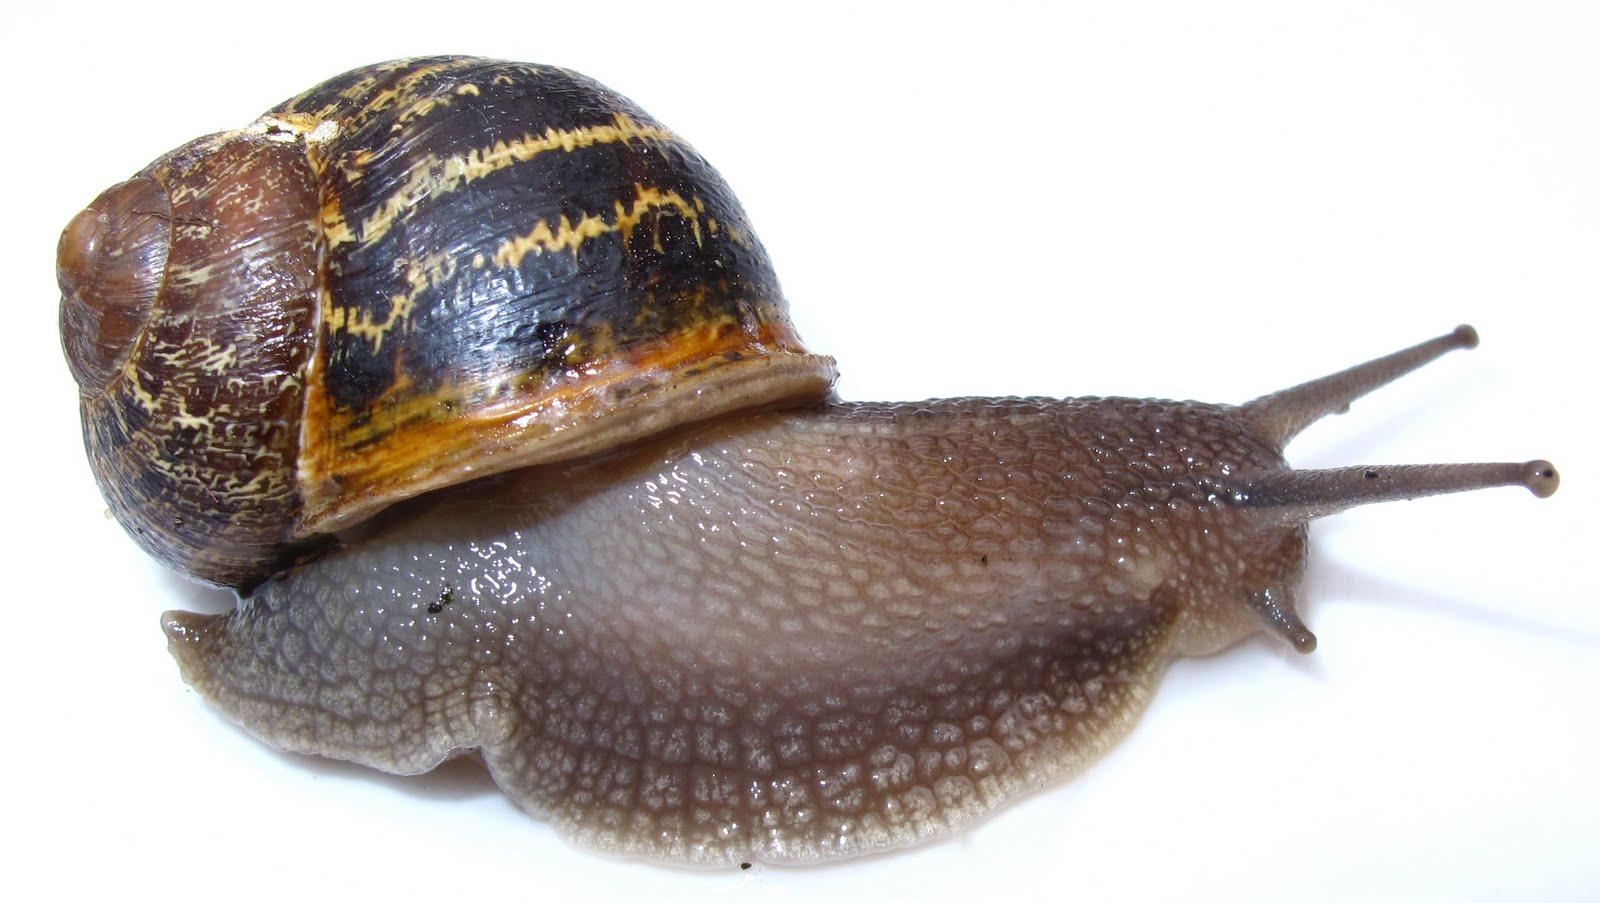 BugBlog: A handsome snail